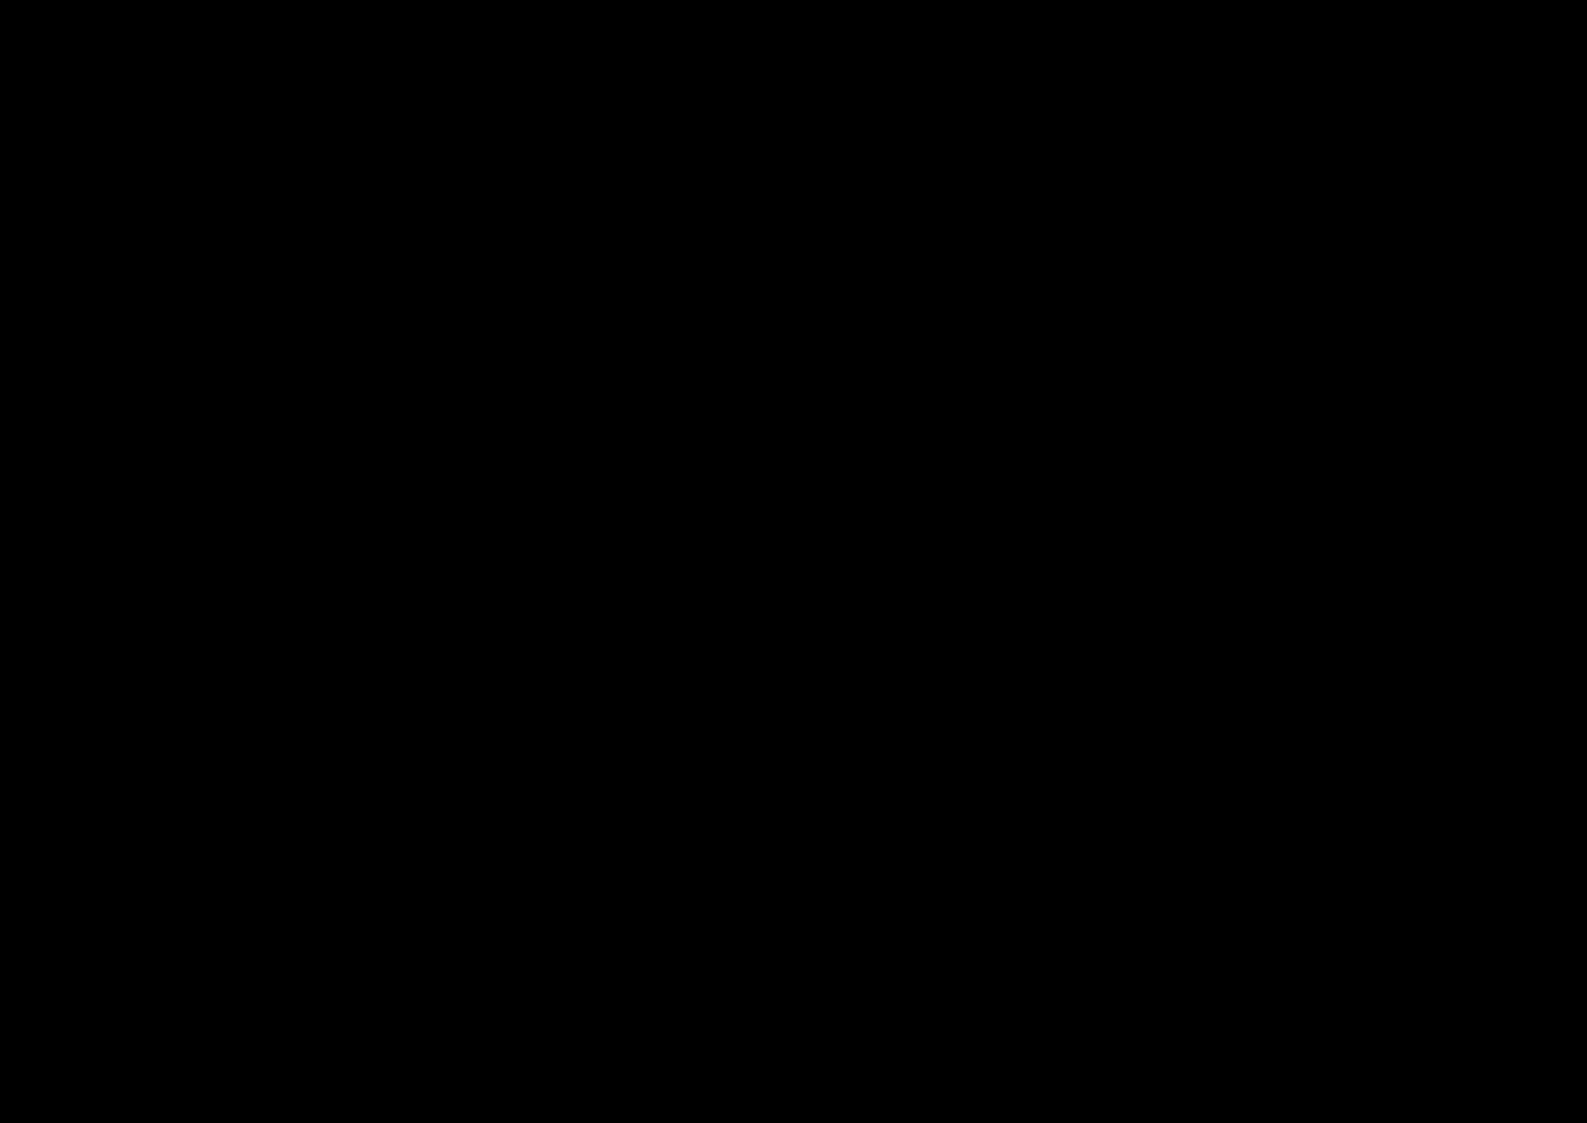 V7 labs logo